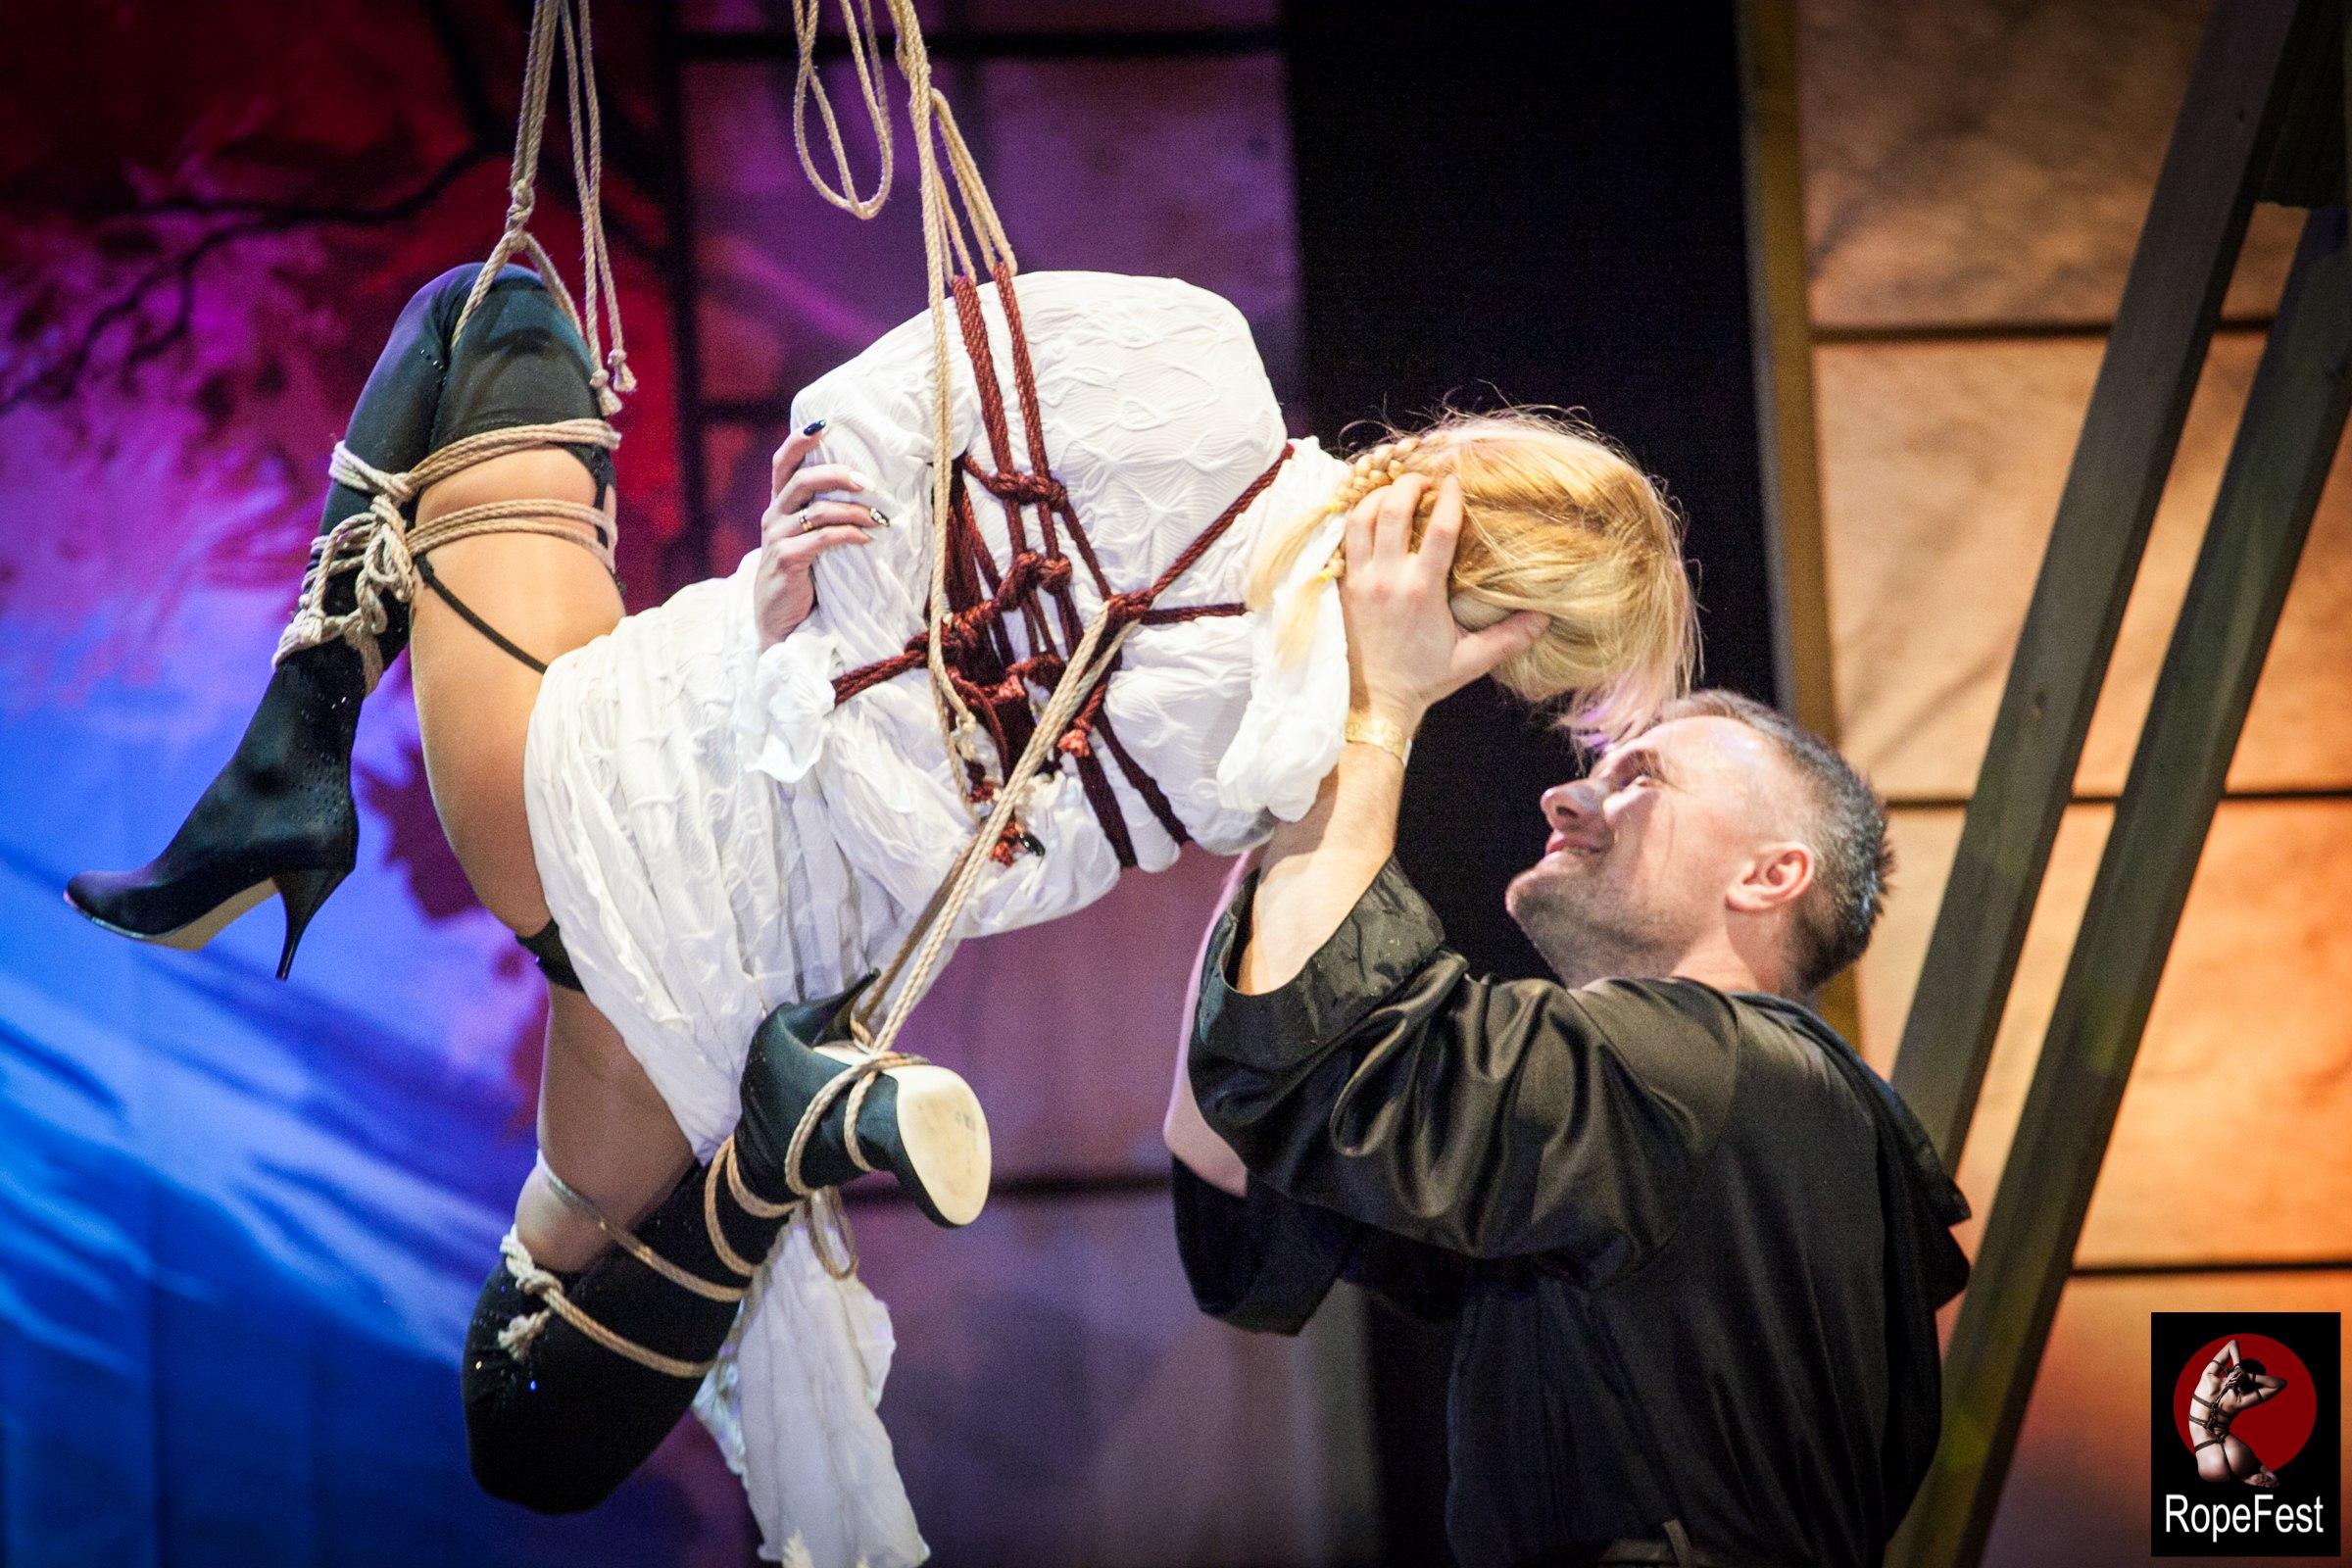 Rope Fest Peterburg . Bondage: Velad. Photo by Juliya Dunaeva